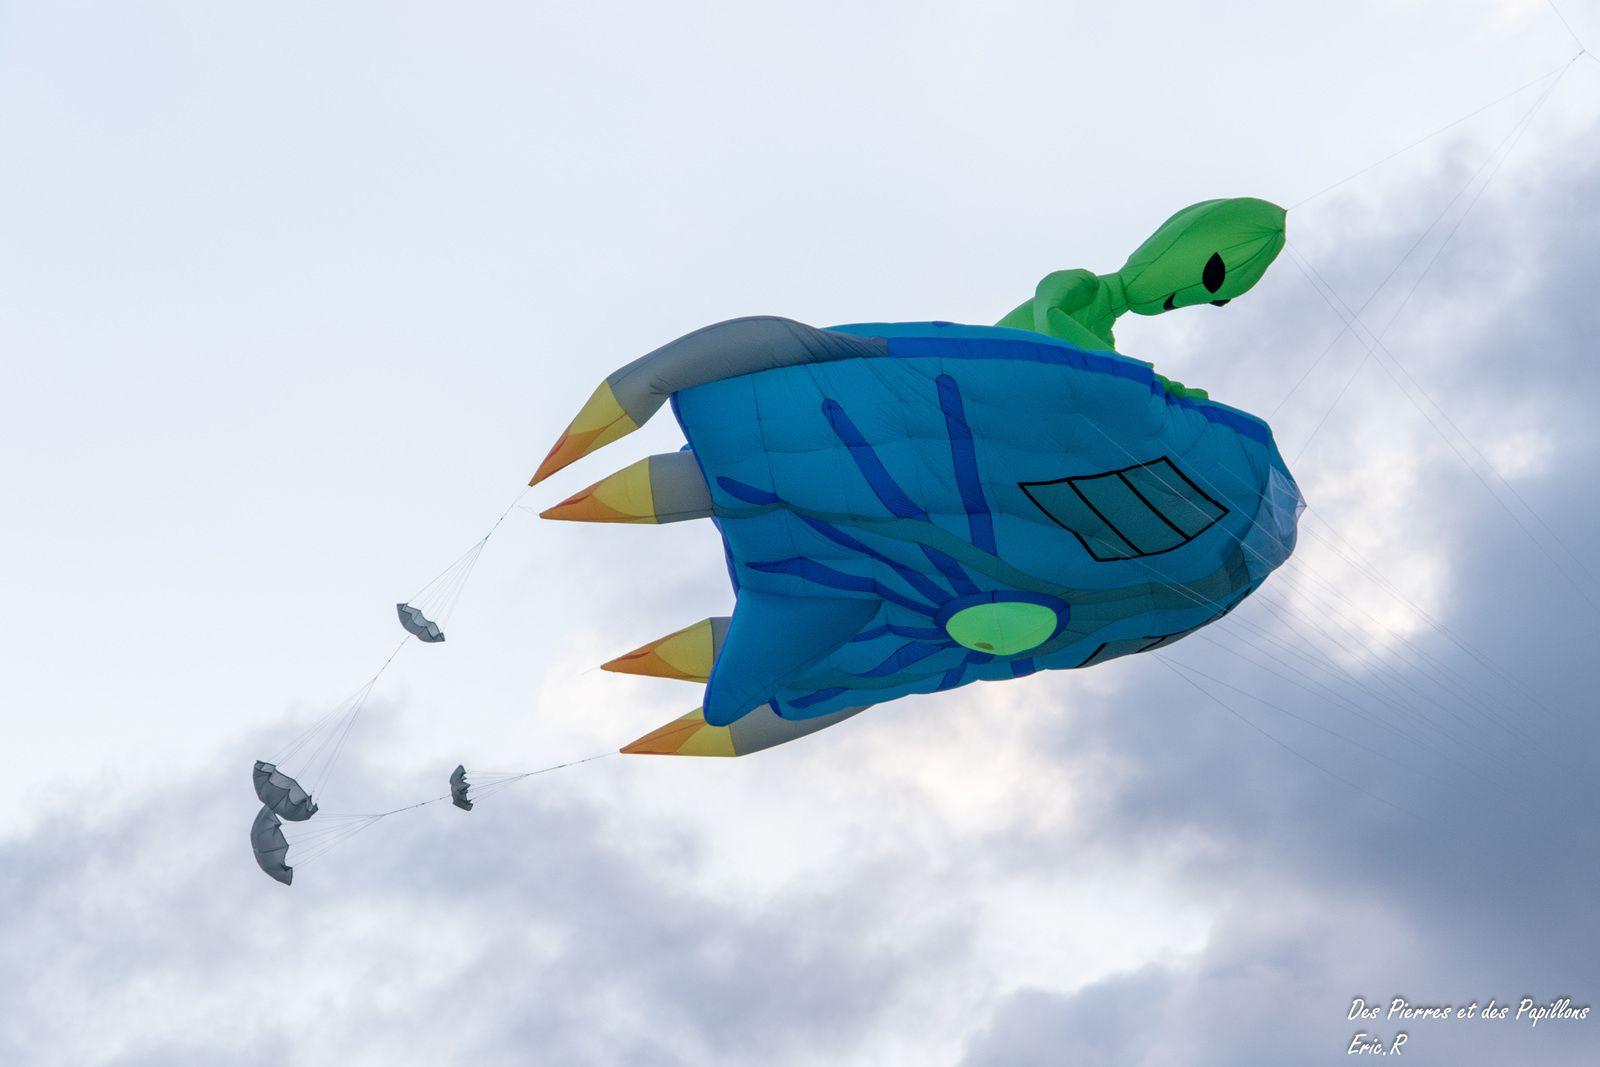 Un extraterrestre sur sa soucoupe volante.